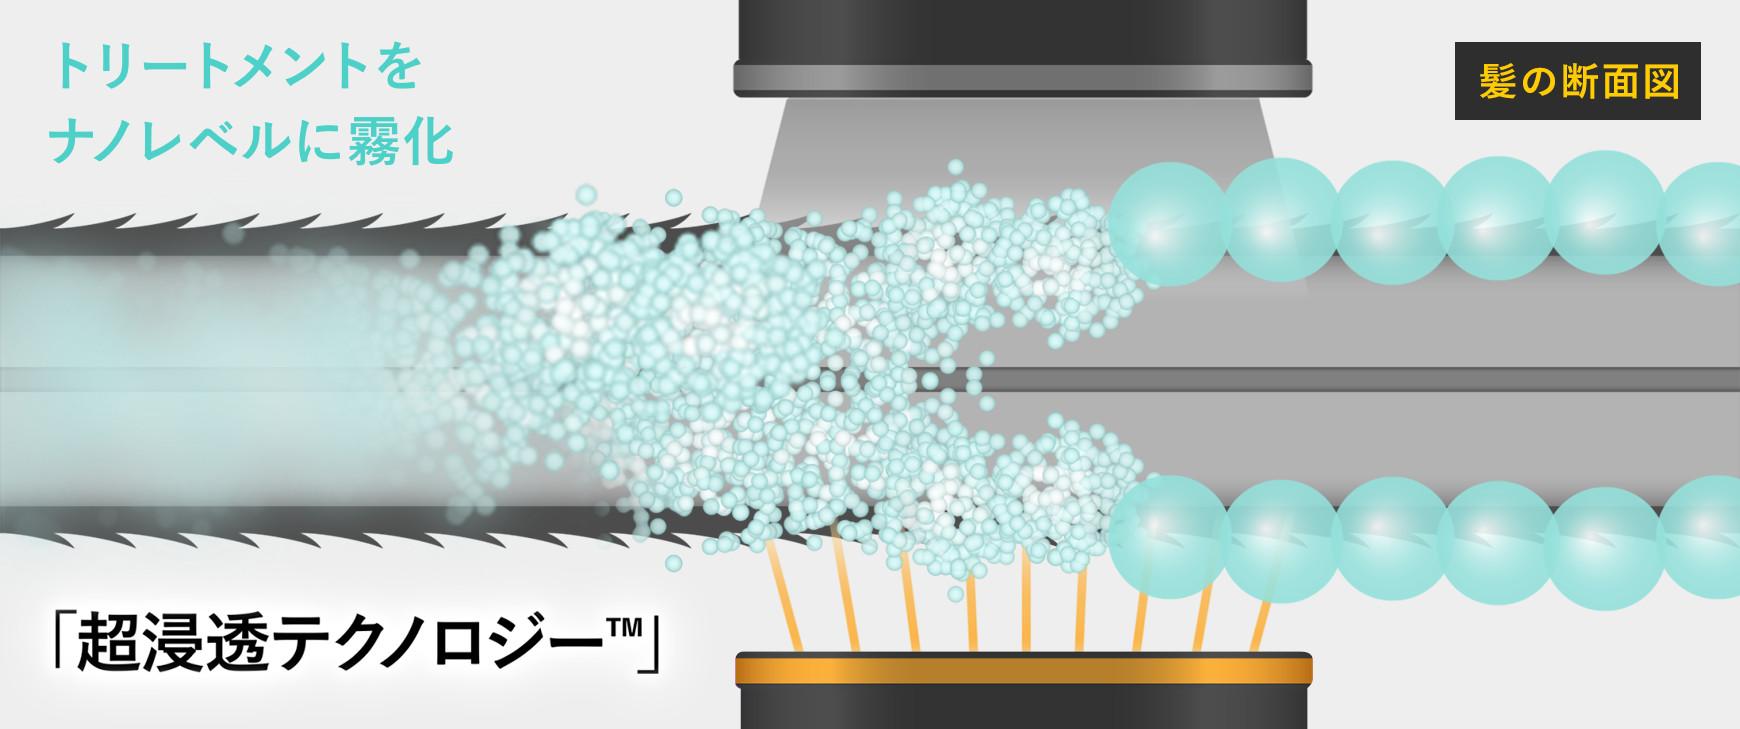 1秒間に100万回超音波の振動で水が気化します